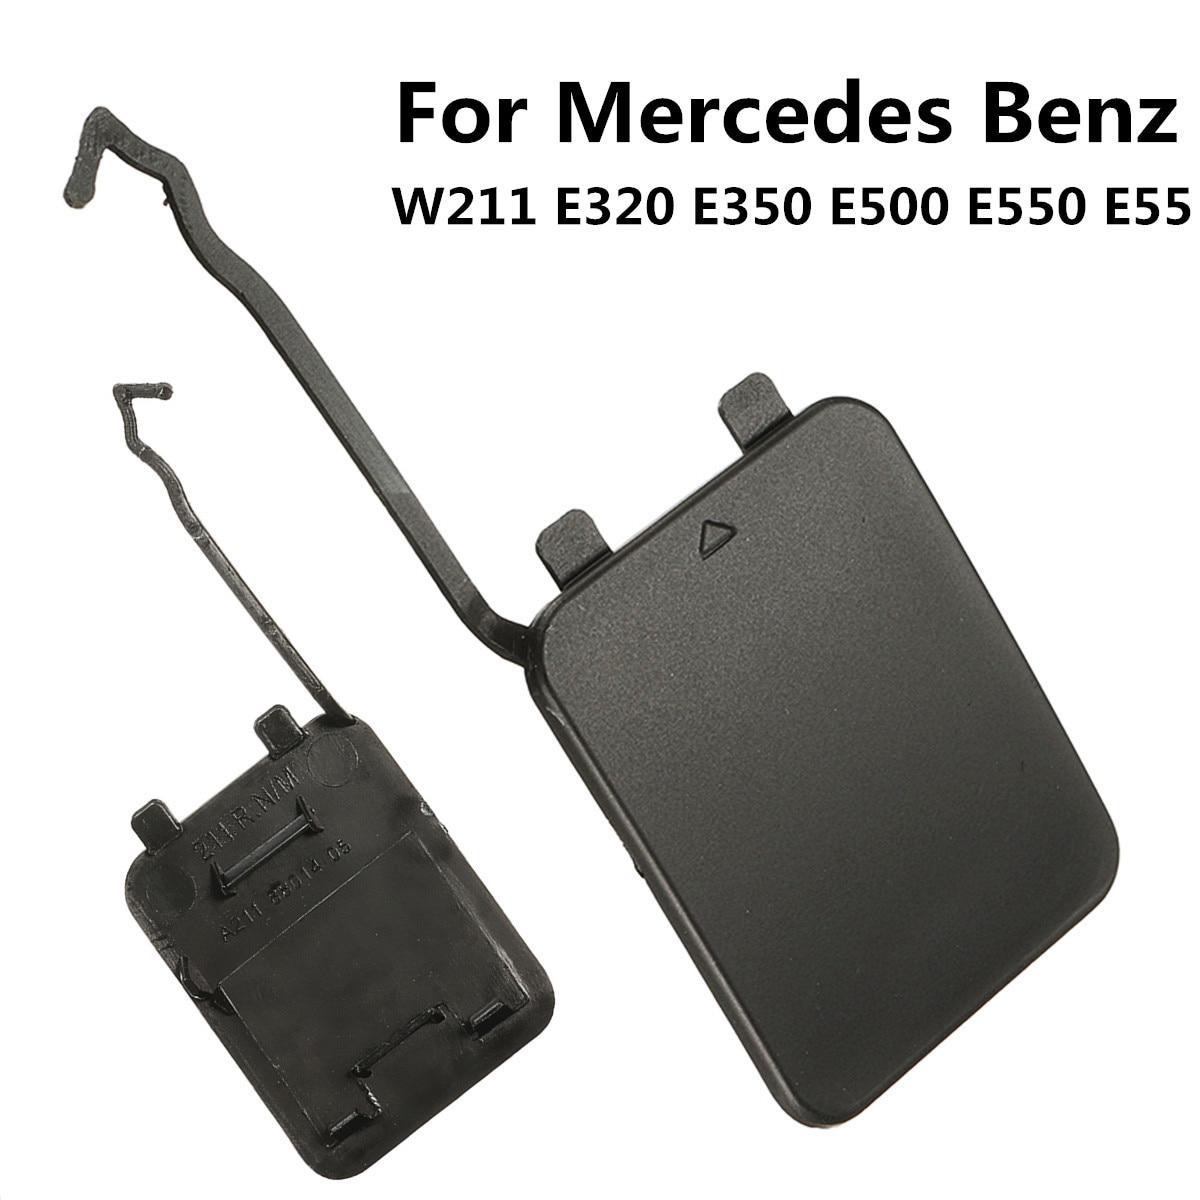 For Mercedes-Benz W211 E55 E550 E500 E350 E320 Rear Bumper Tow Hook Cover Cap